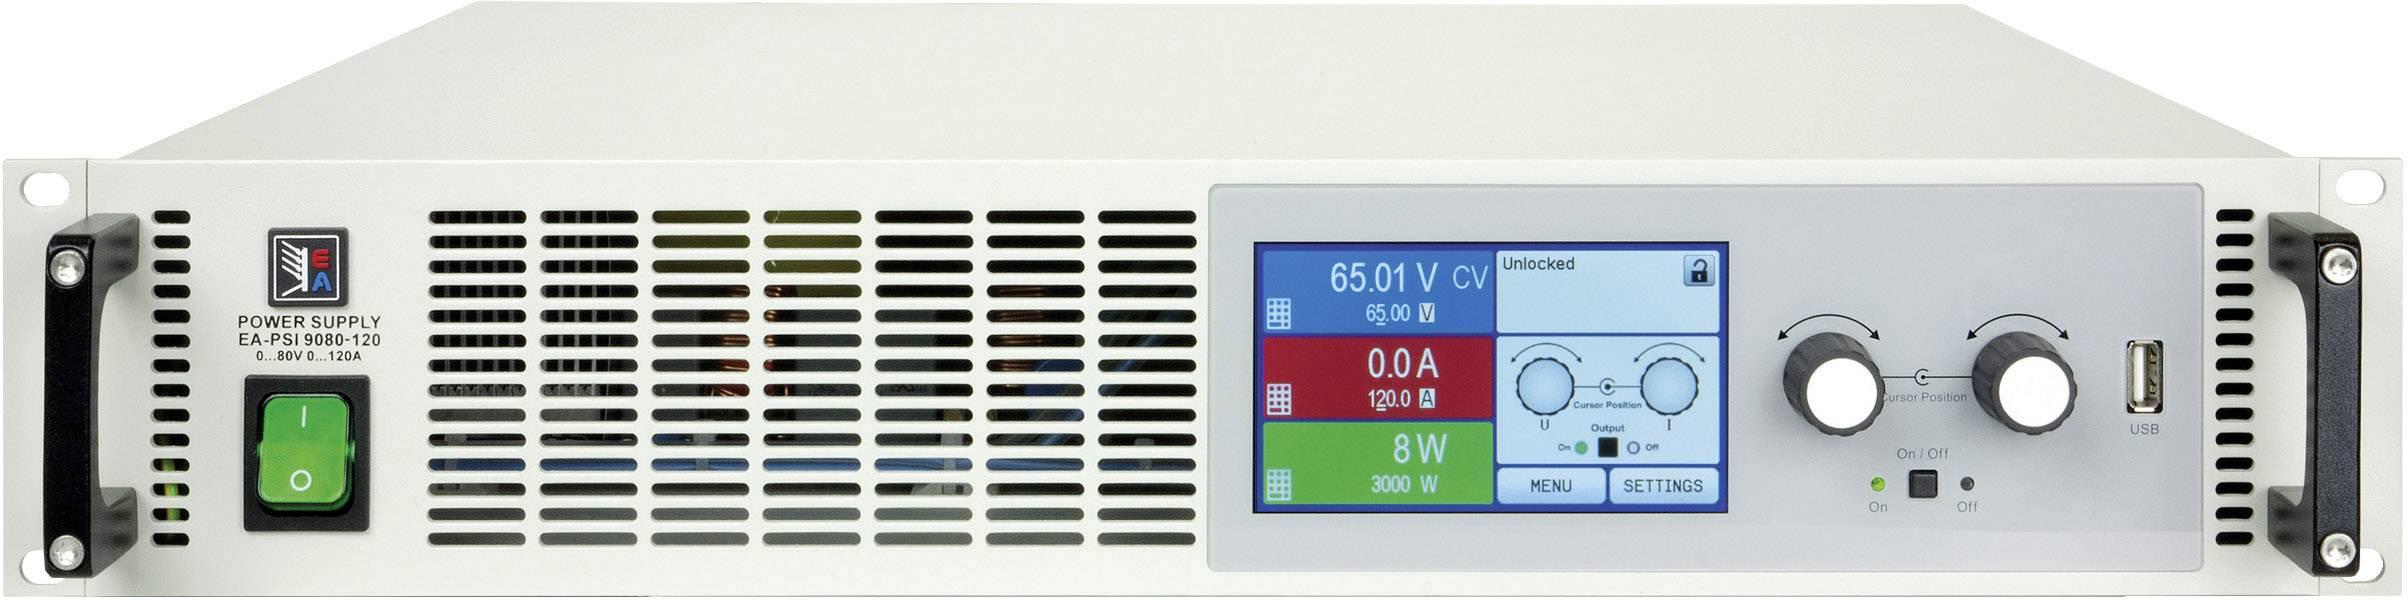 Programovateľný laboratórny zdroj EA EA-PSI 9360-30, 2U, 360 V, 30 A, 3000 W, USB